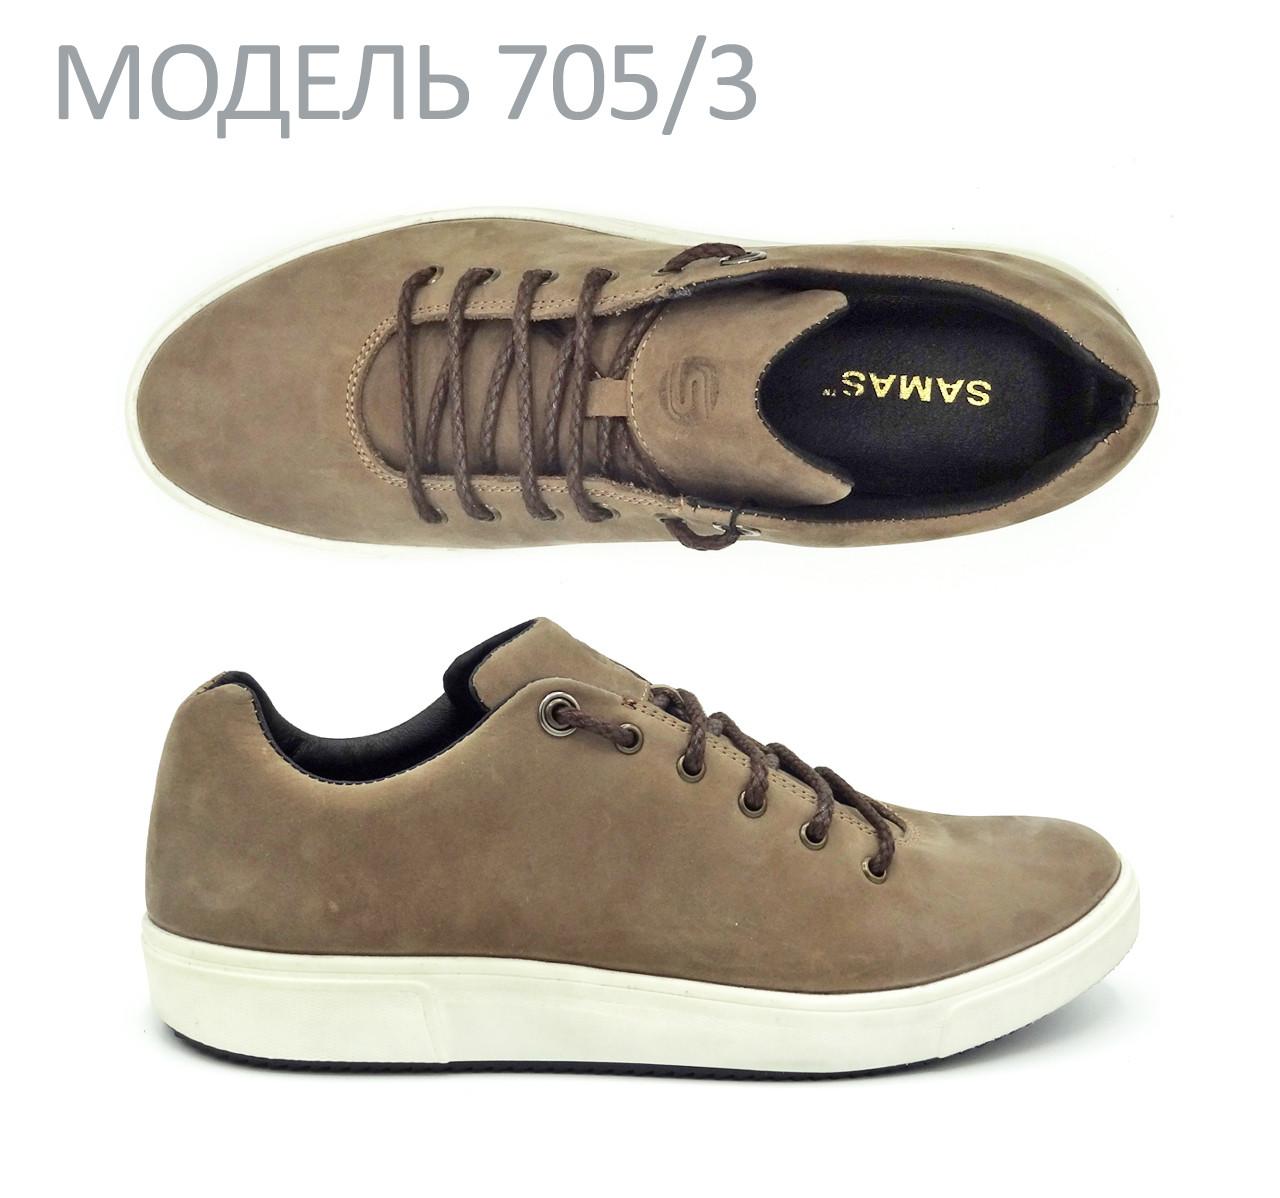 5c7467367 Стильные мужские кроссовки из натуральной кожи песочного цвета ...